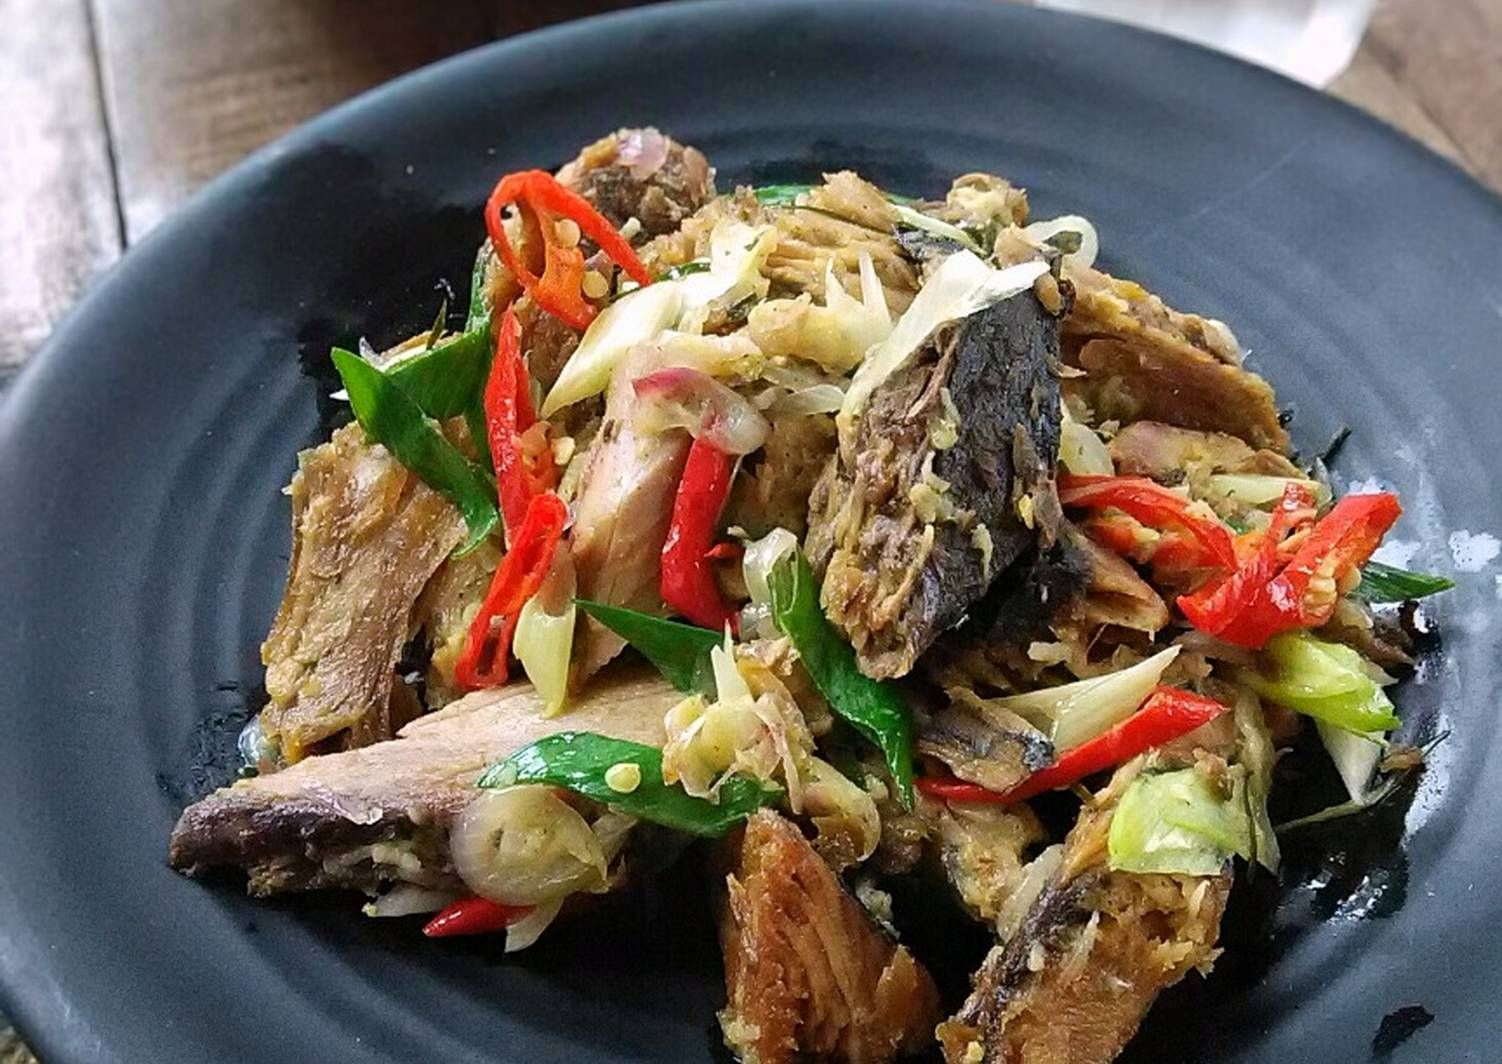 Resep Tumis Tongkol Asap Oleh Mbaiyya Resep Tumis Masakan Resep